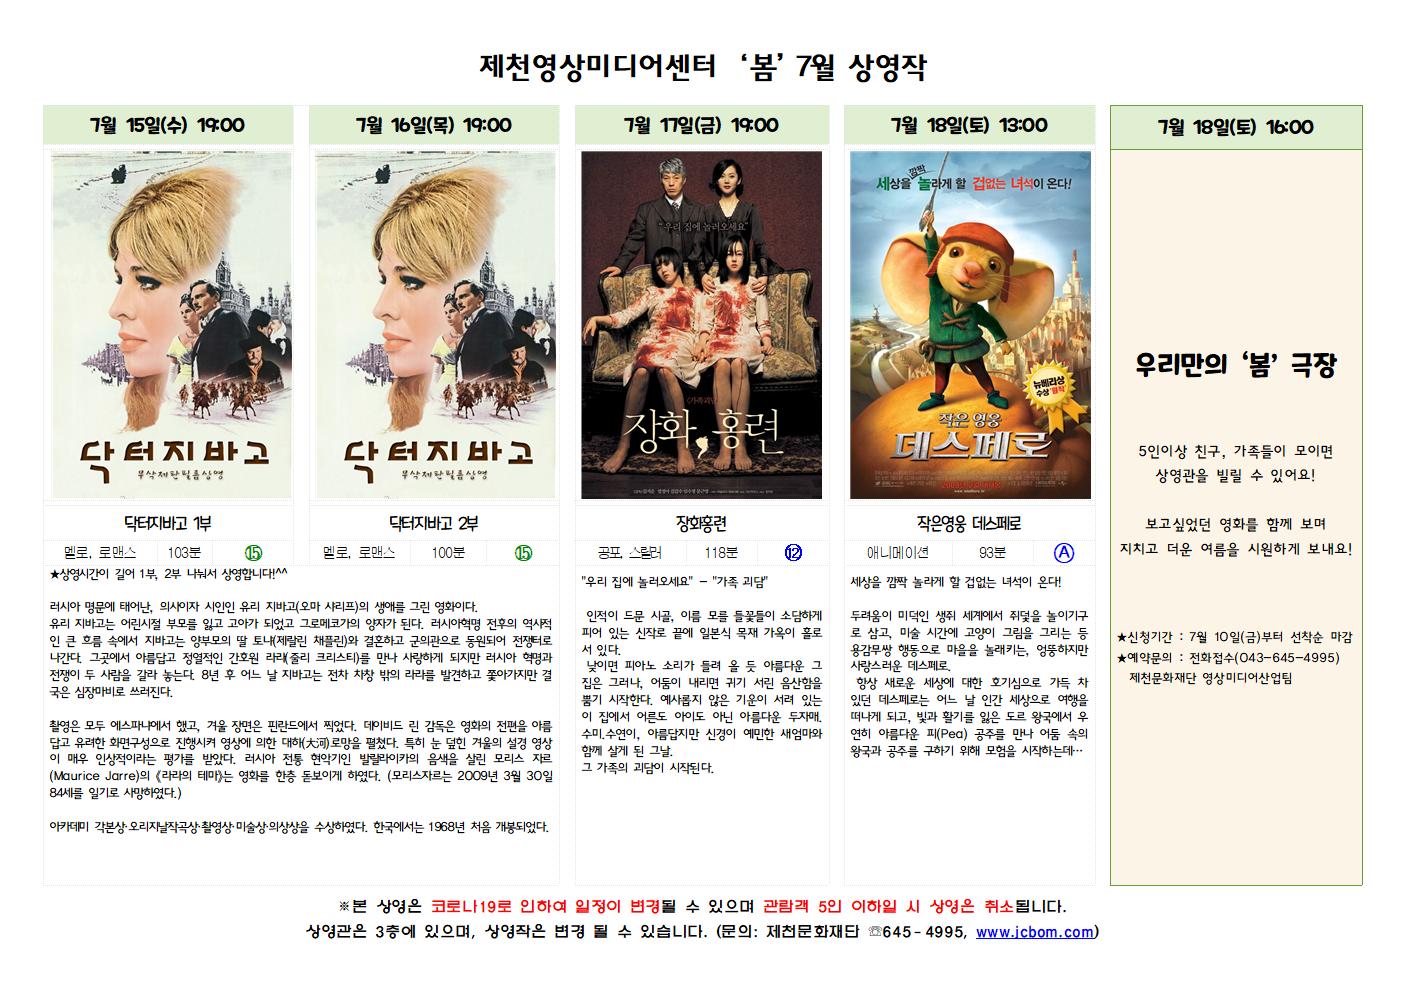 2020-7월 상영안내(줄거리포함).png수정001.png